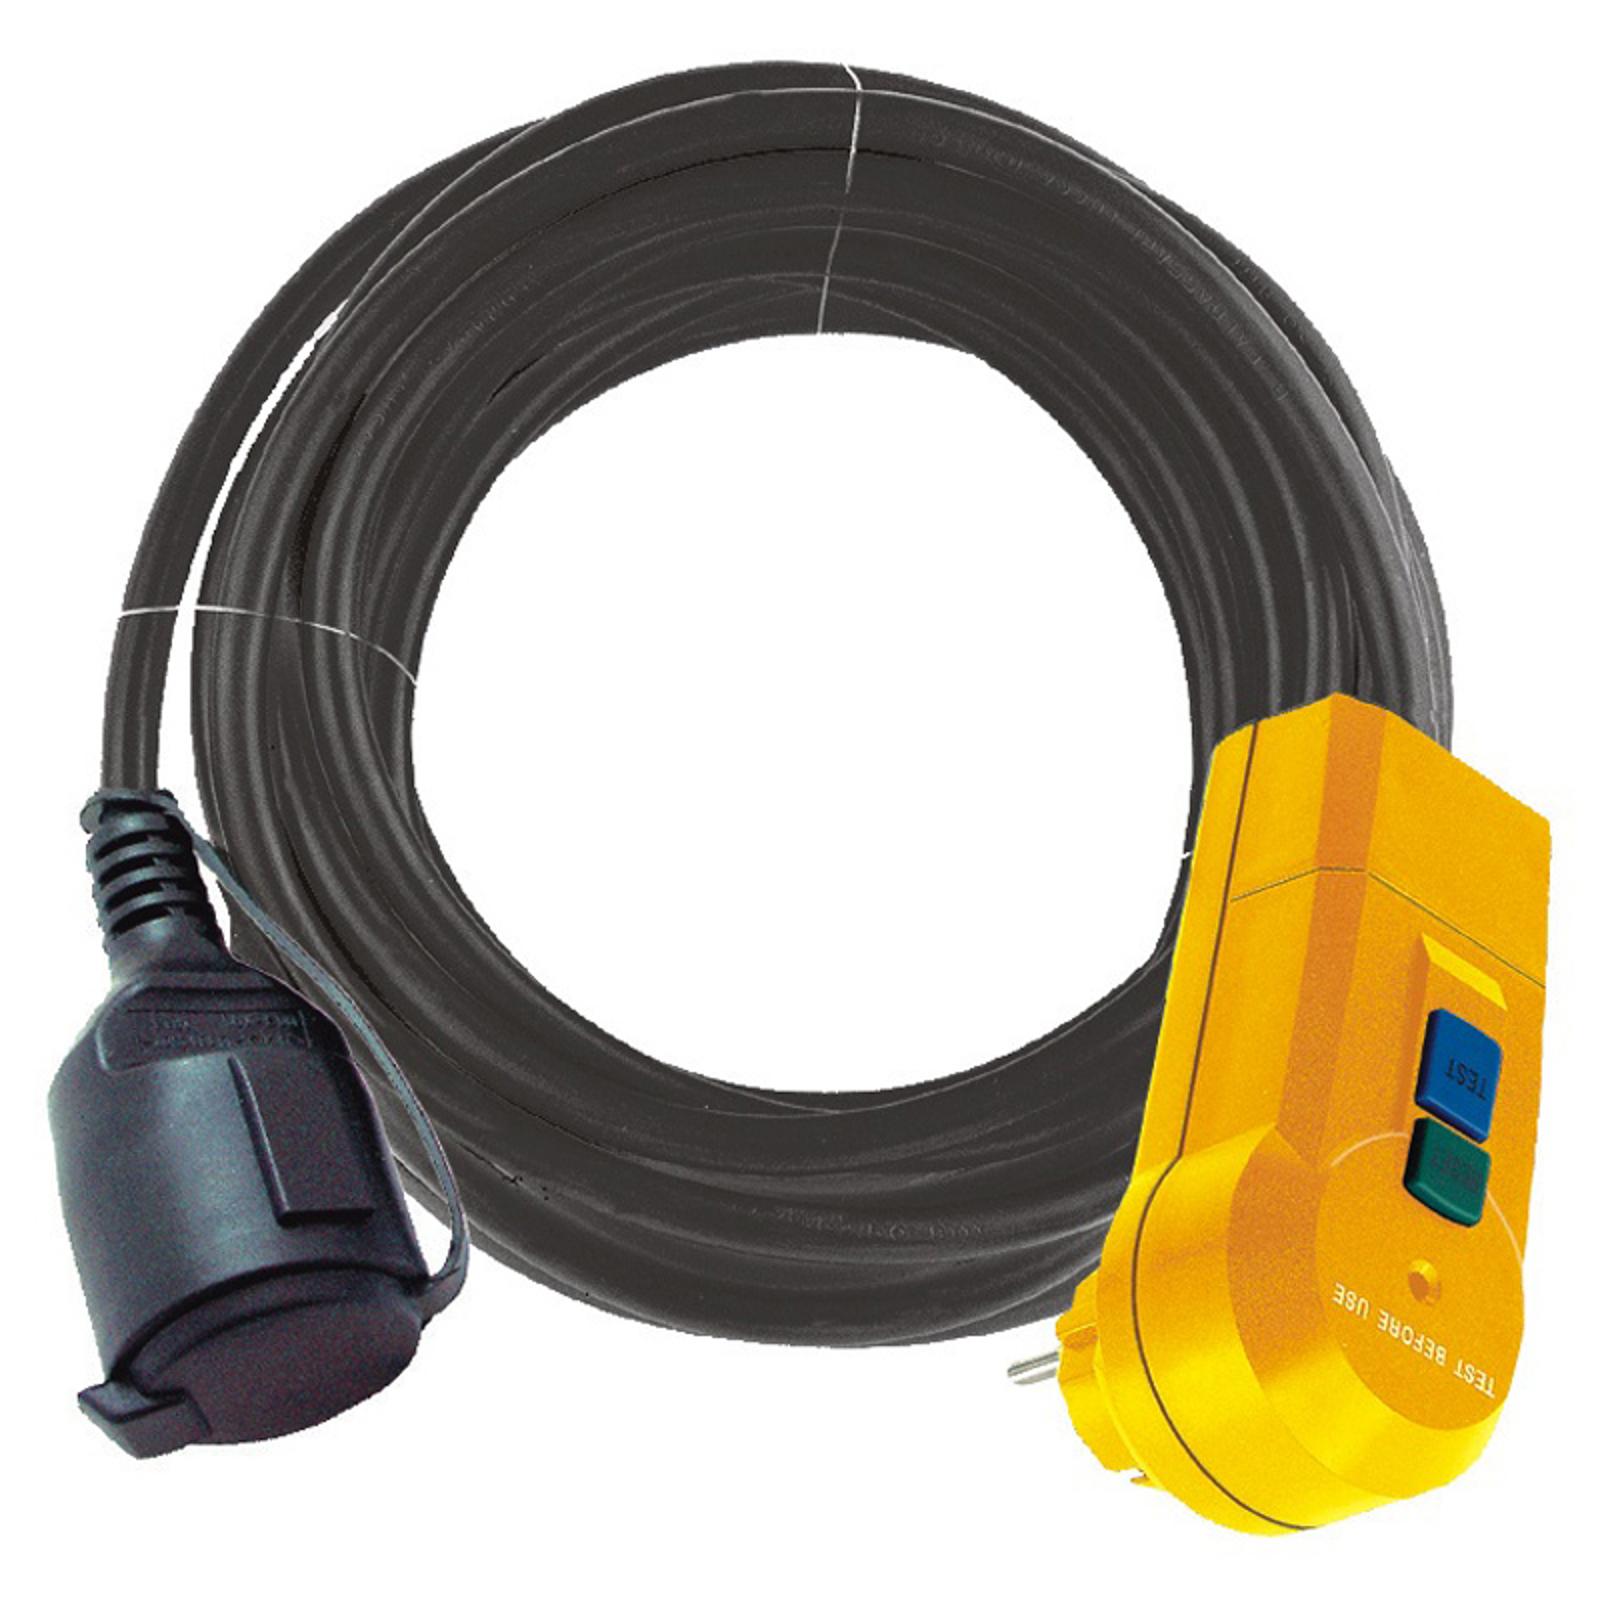 FI-suojasovitinjohto, IP44, ulkokäyttö